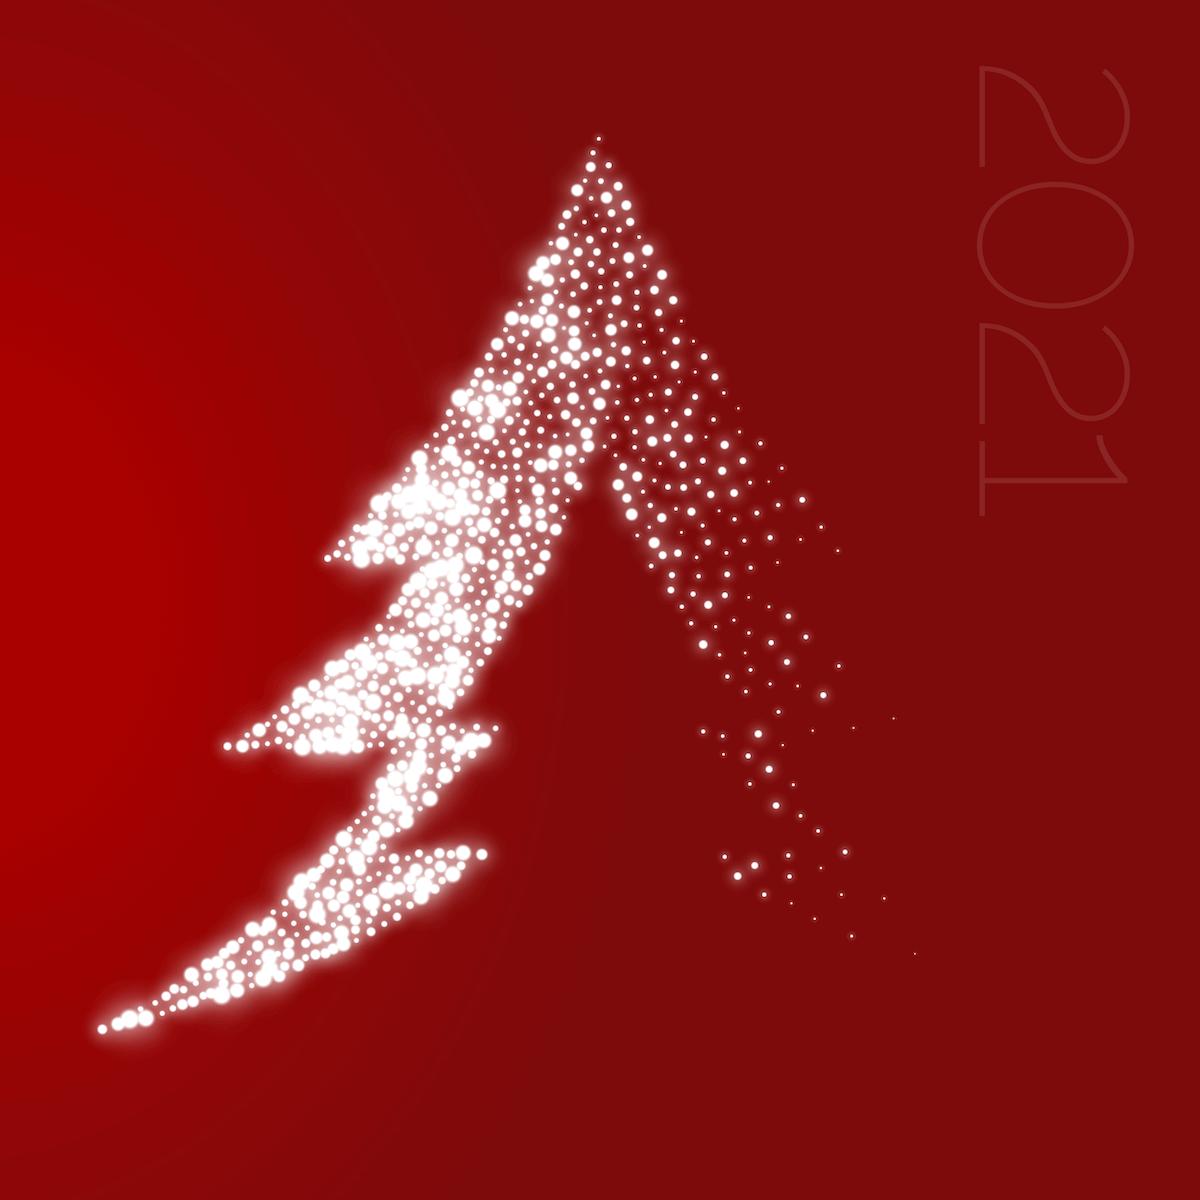 geschmacksRaum_WERBEAGENTUR_Weihnachten_2020-t